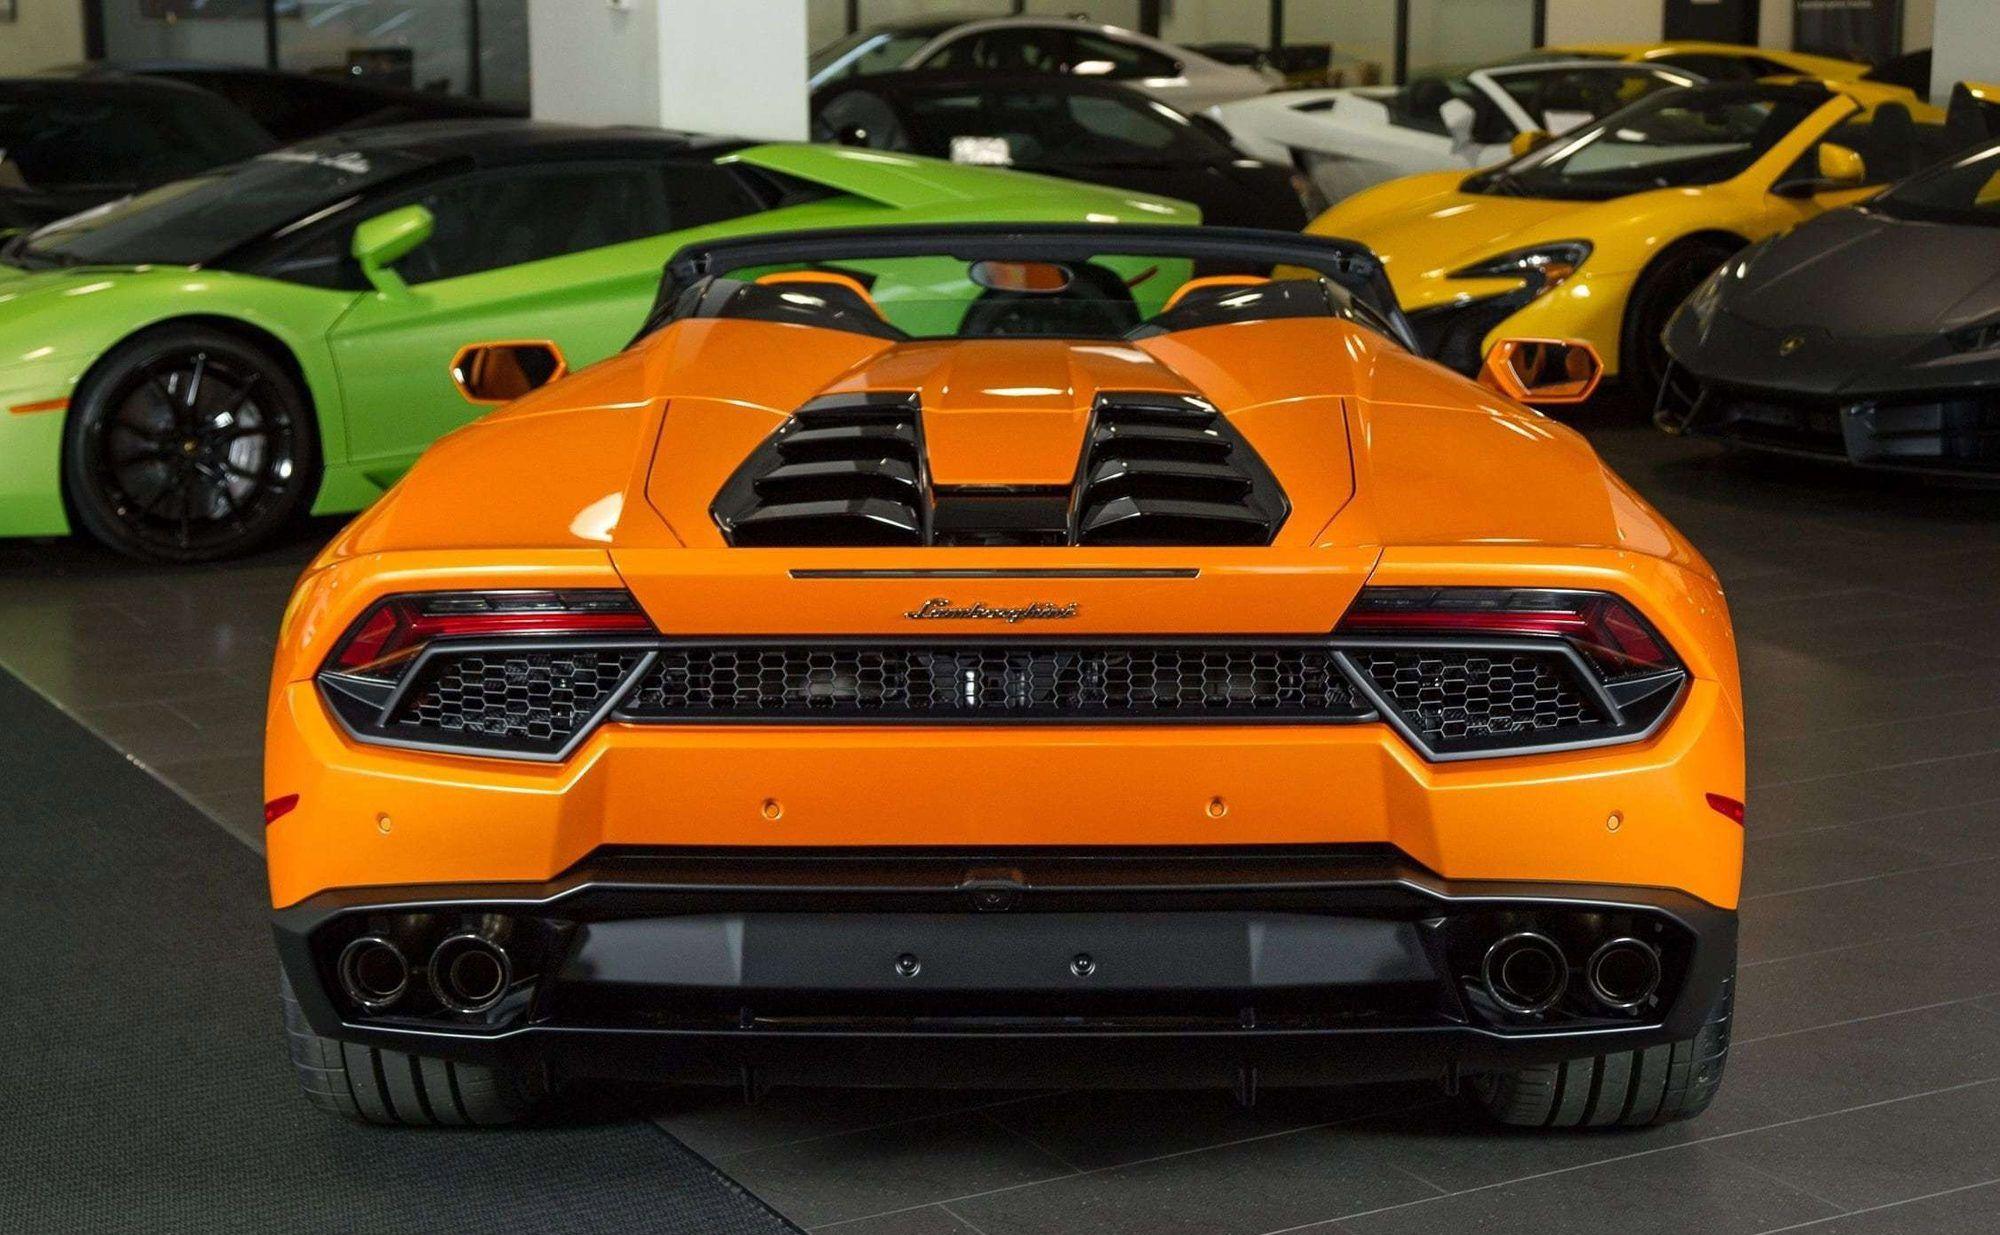 2017 Lamborghini Lp 580 2 In 2020 Super Cars Lamborghini Lambo